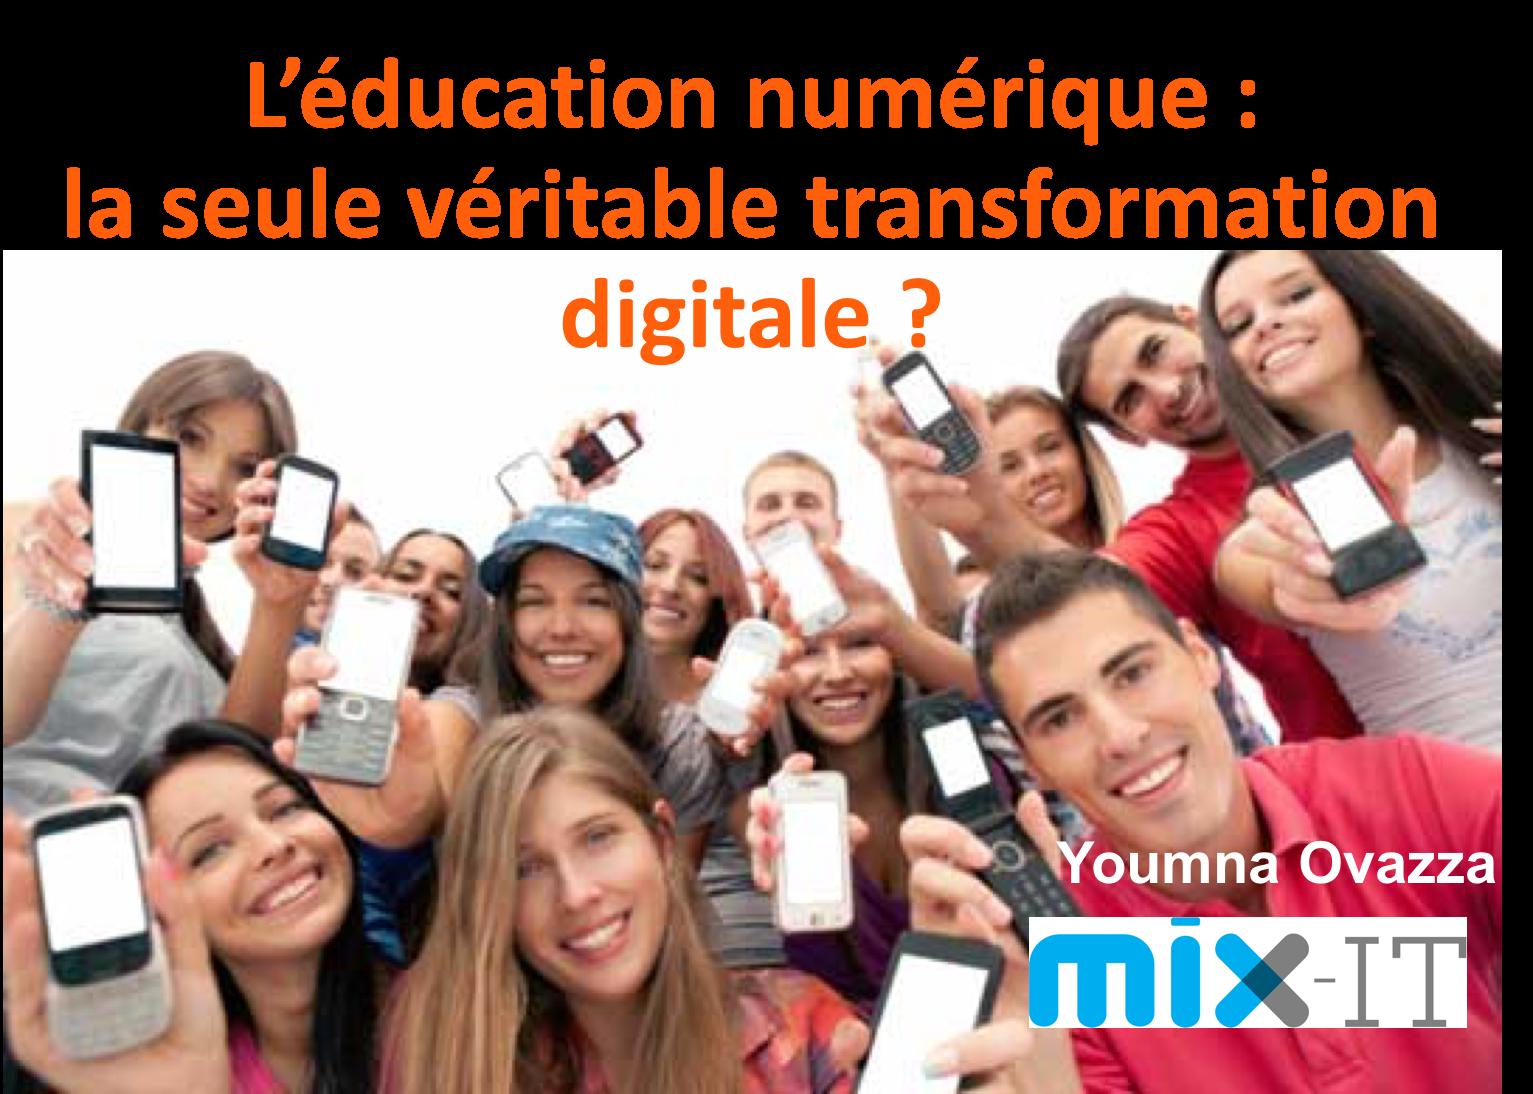 L'éducation numérique : la seule véritable transformation digitale ?